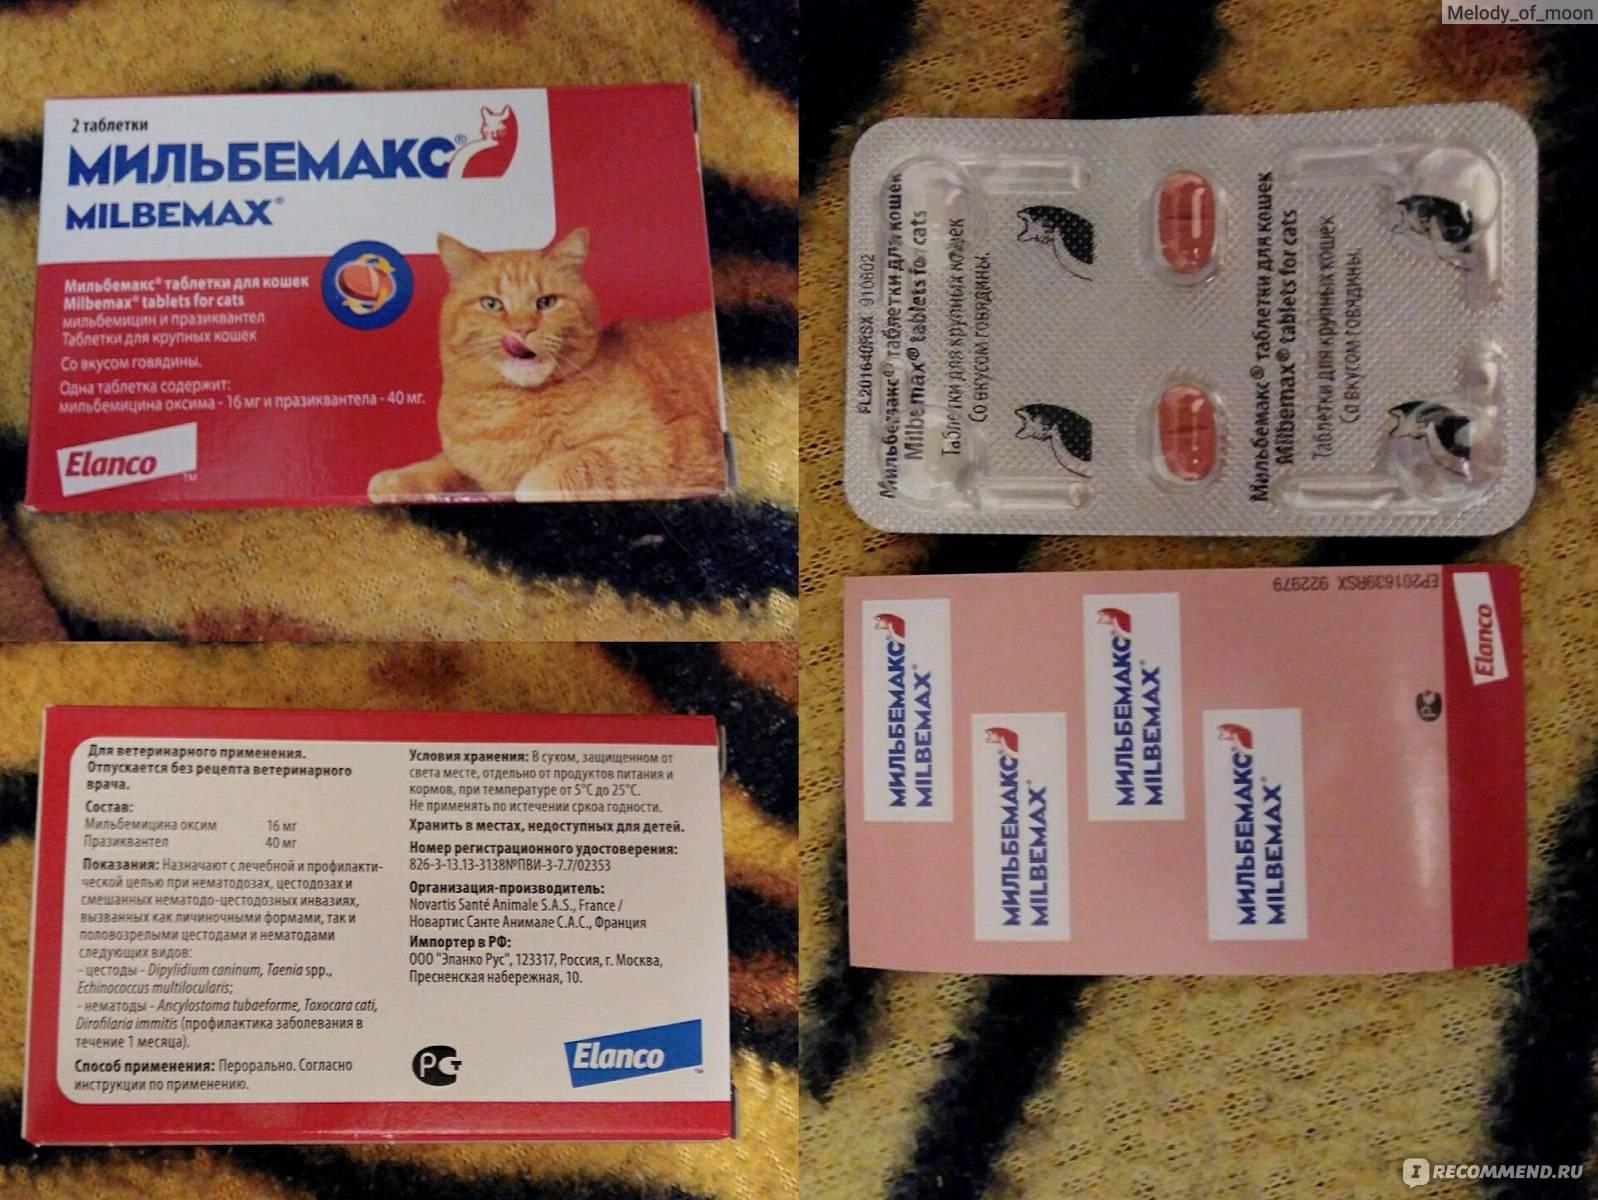 Антигельминтный препарат мильбемакс для котят, кошек и собак: состав и инструкция по применению, отзывы